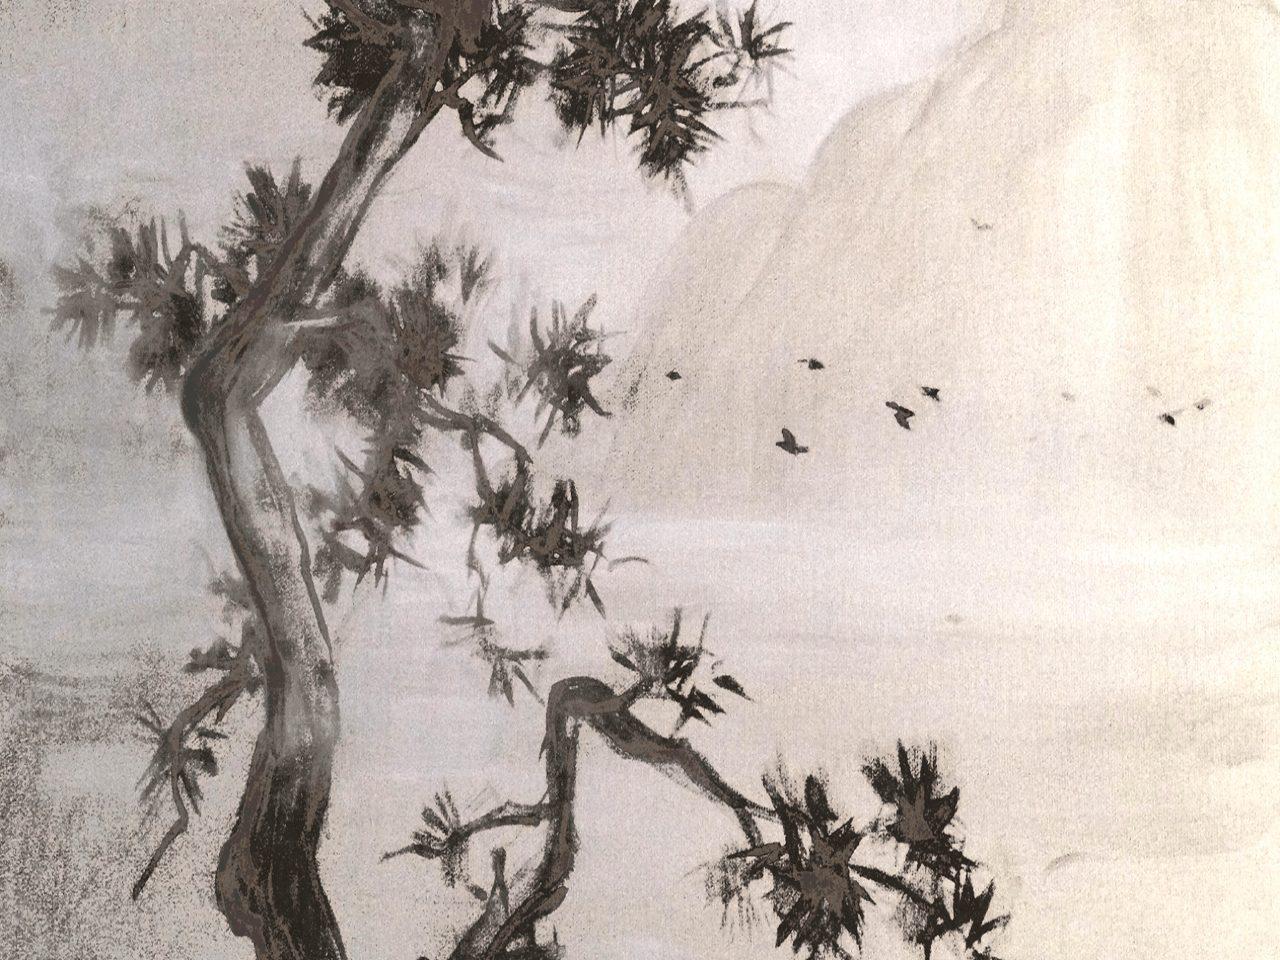 tela-pintada-murales-pintados-carol-moreno-chinoiserie-acrilico-wall-mural-art